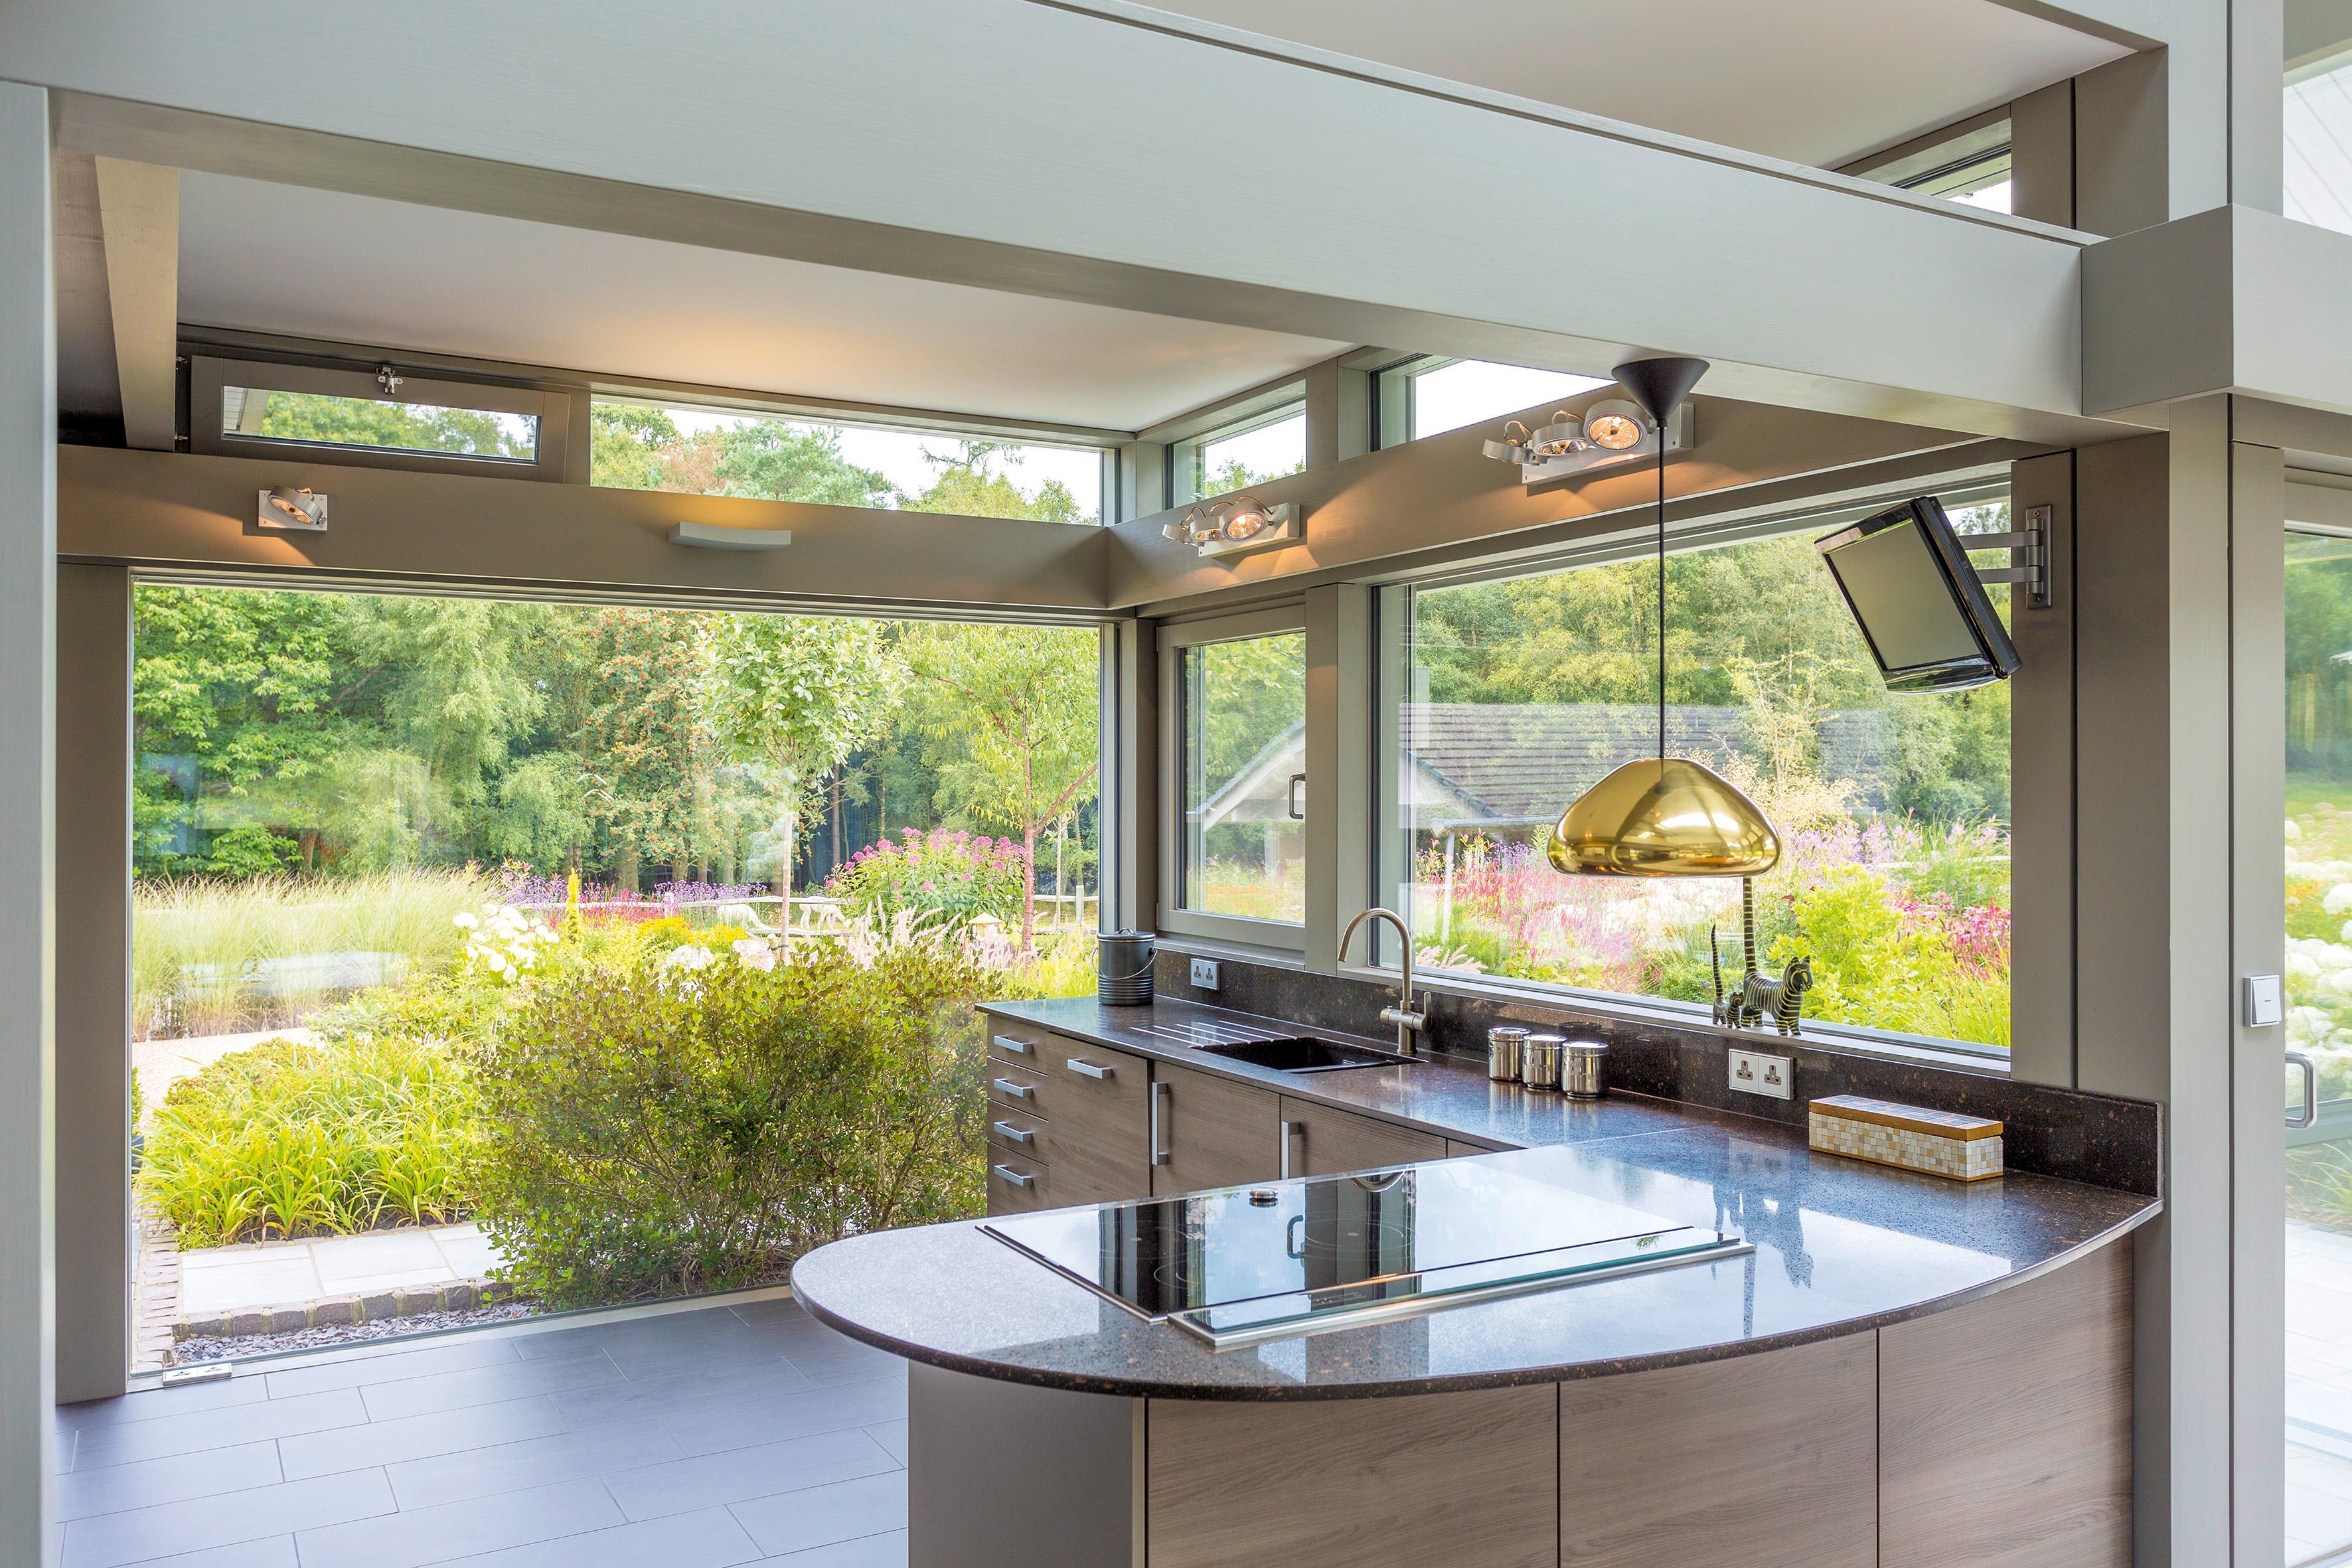 Küchenspüle • Bilder & Ideen • COUCH